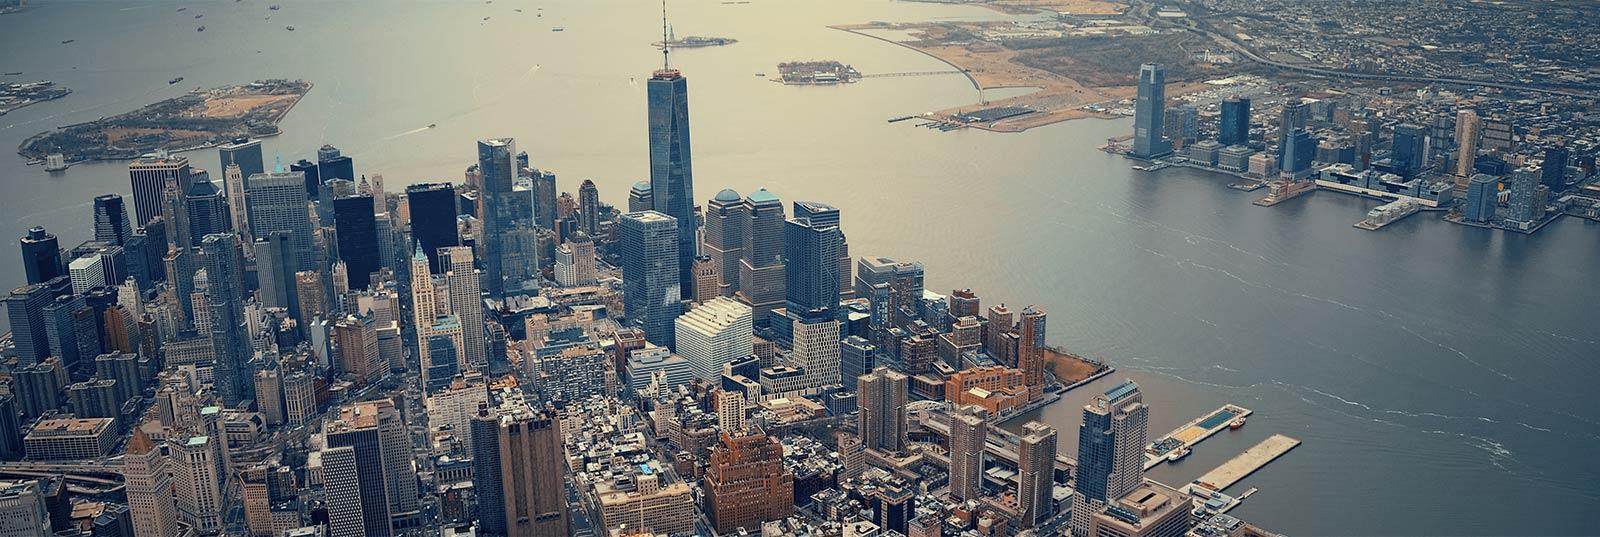 Vuelo Alicante - Nueva York ida y vuelta (( mas opciones ))